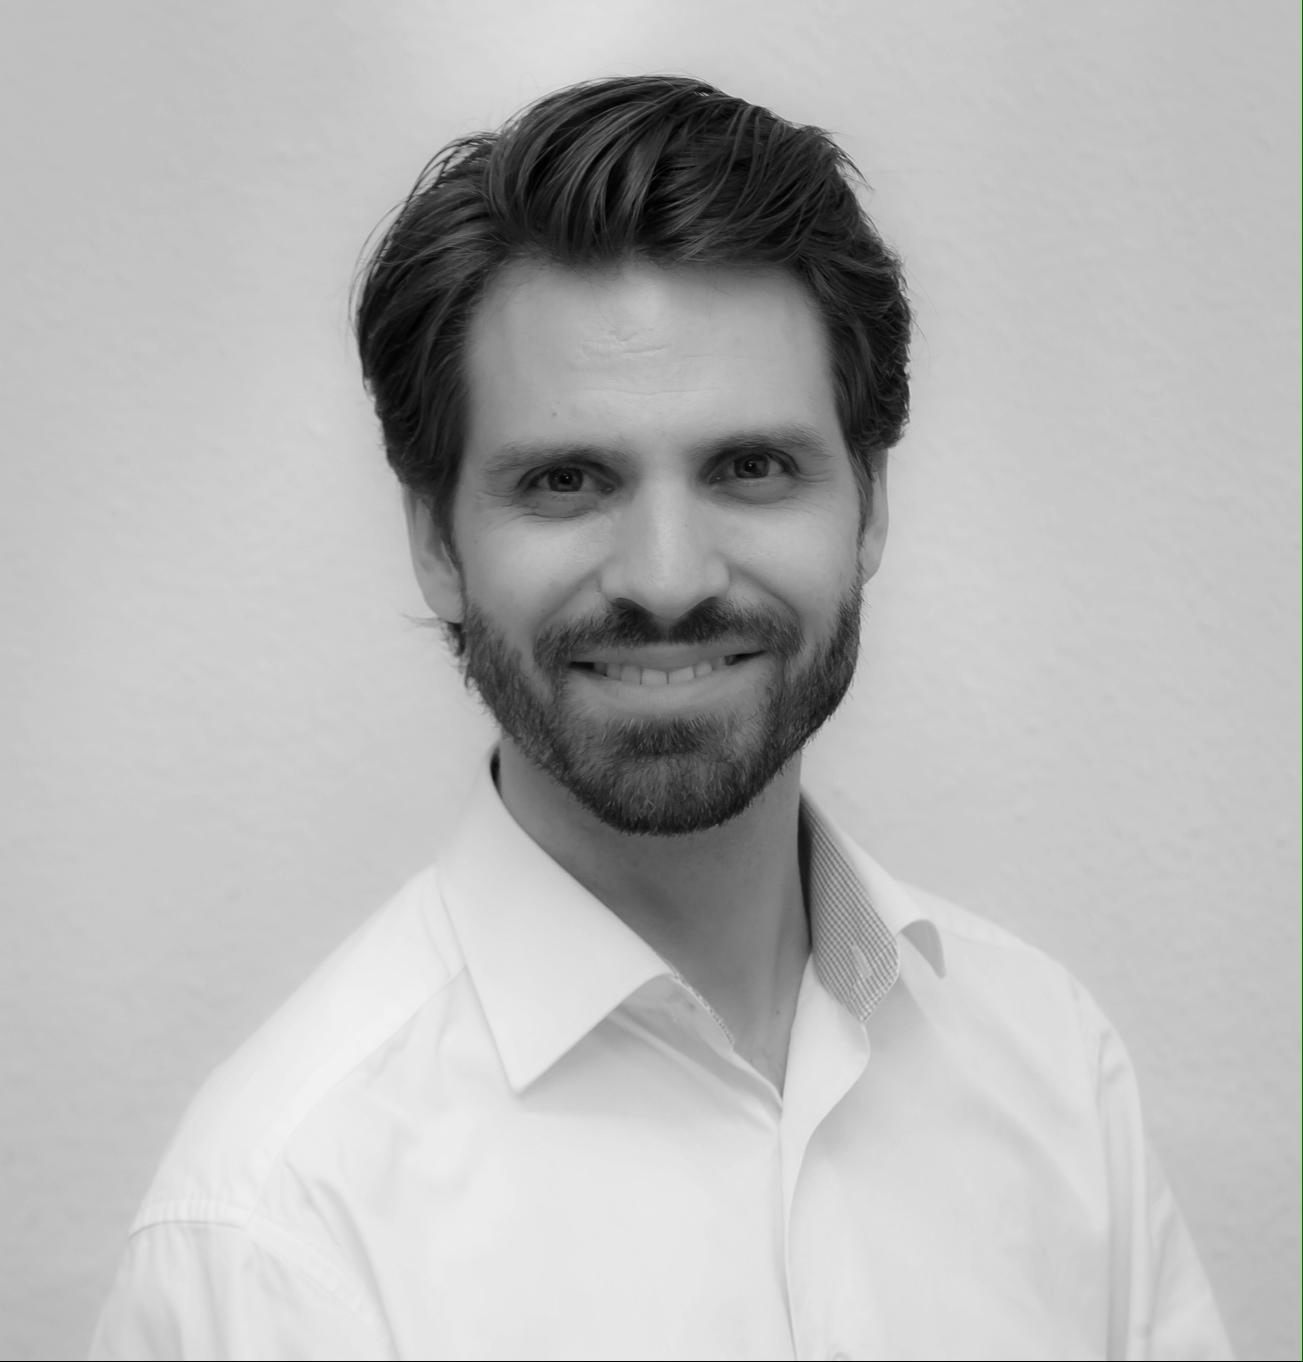 Dr. Richard Travnik